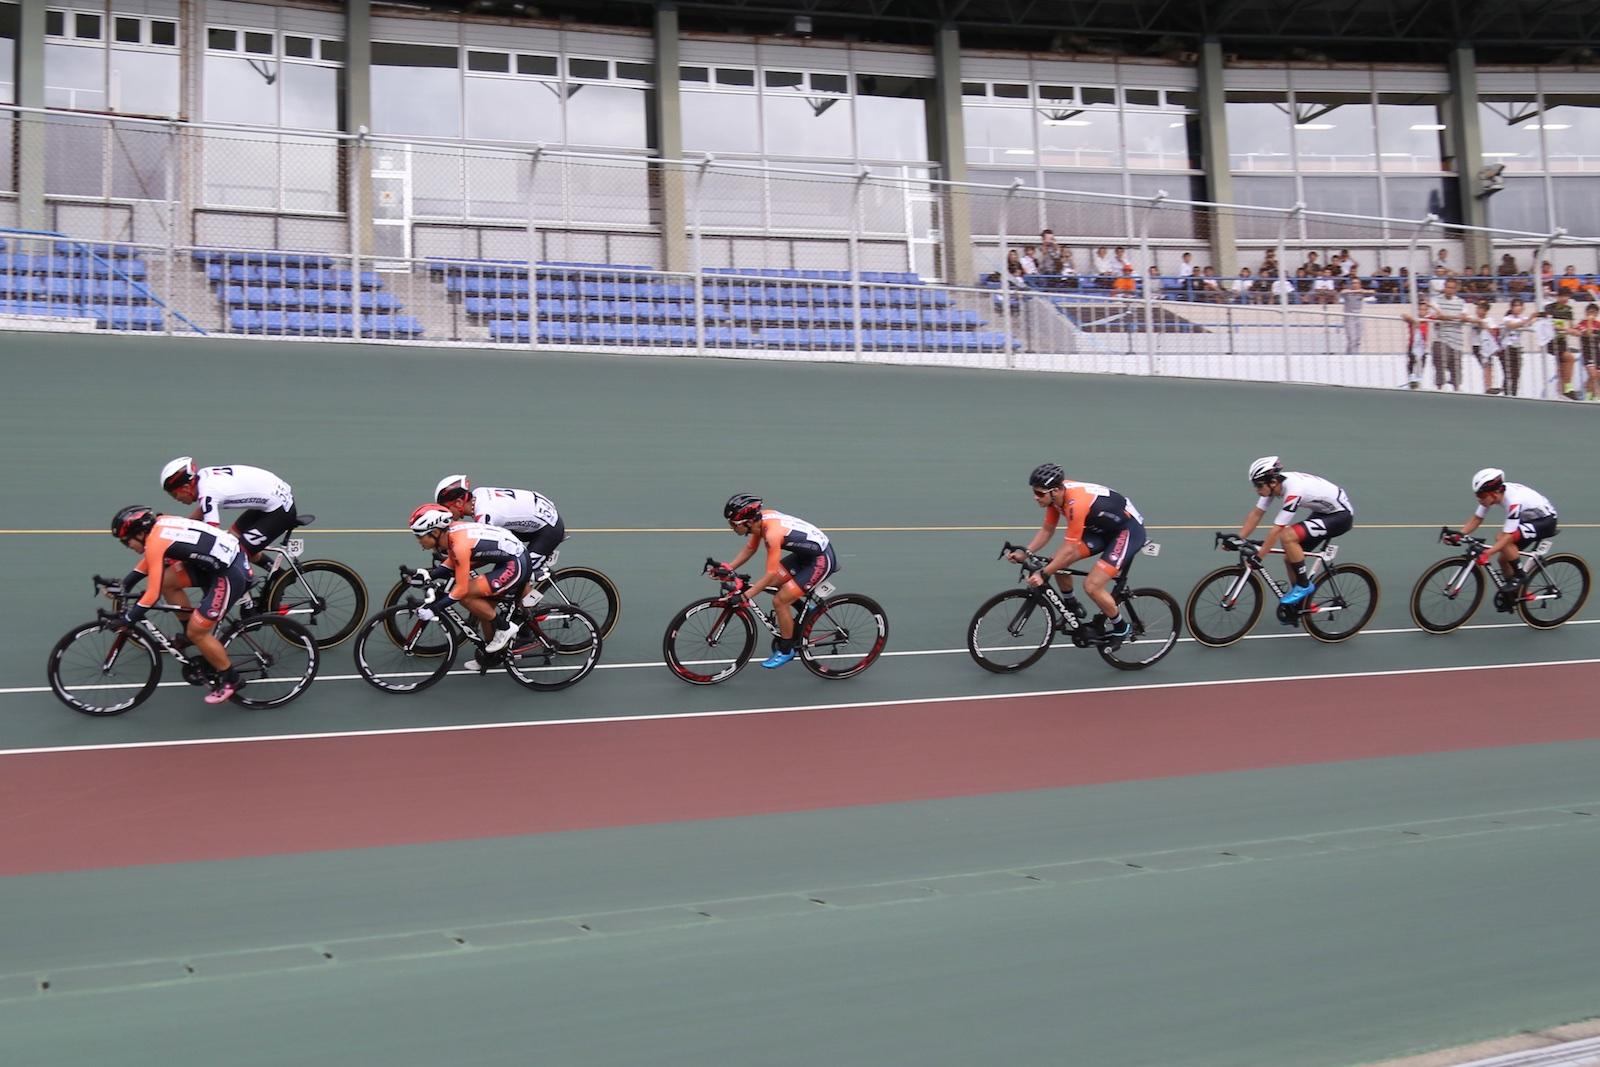 【バンクリーグ】Round3広島/確かなレース運びでブリヂストンが勝利